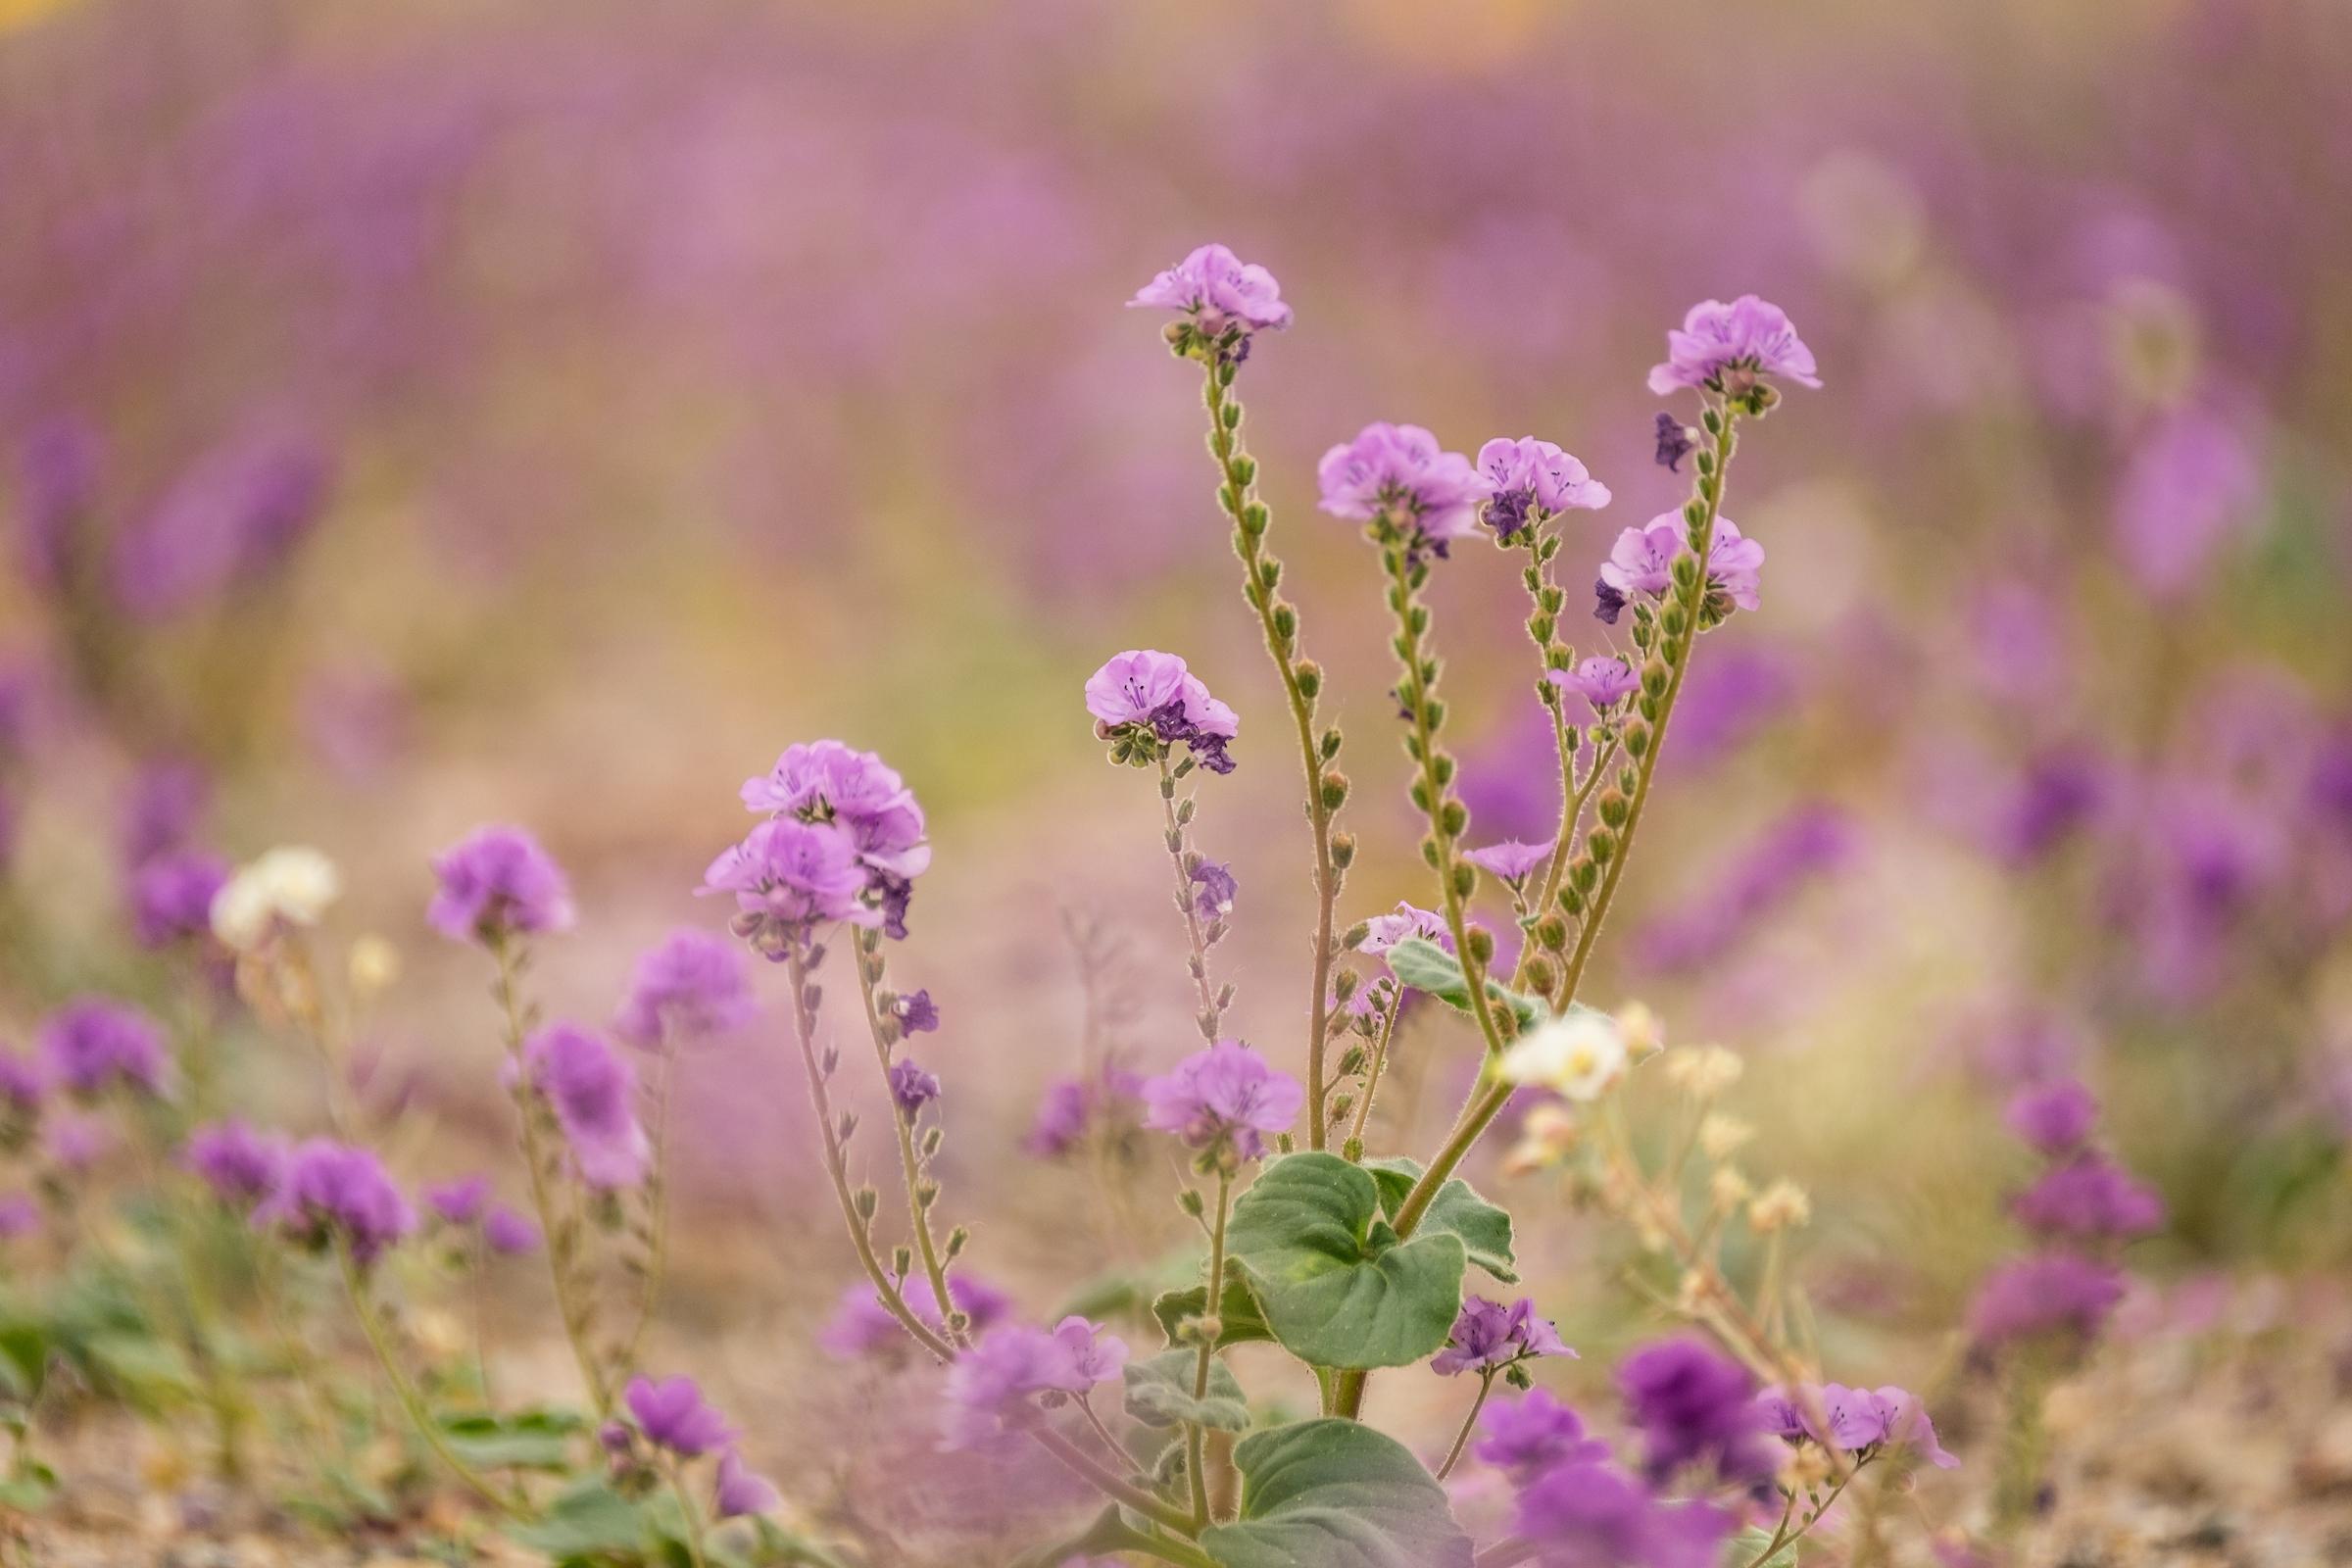 Superbloom wildflowers